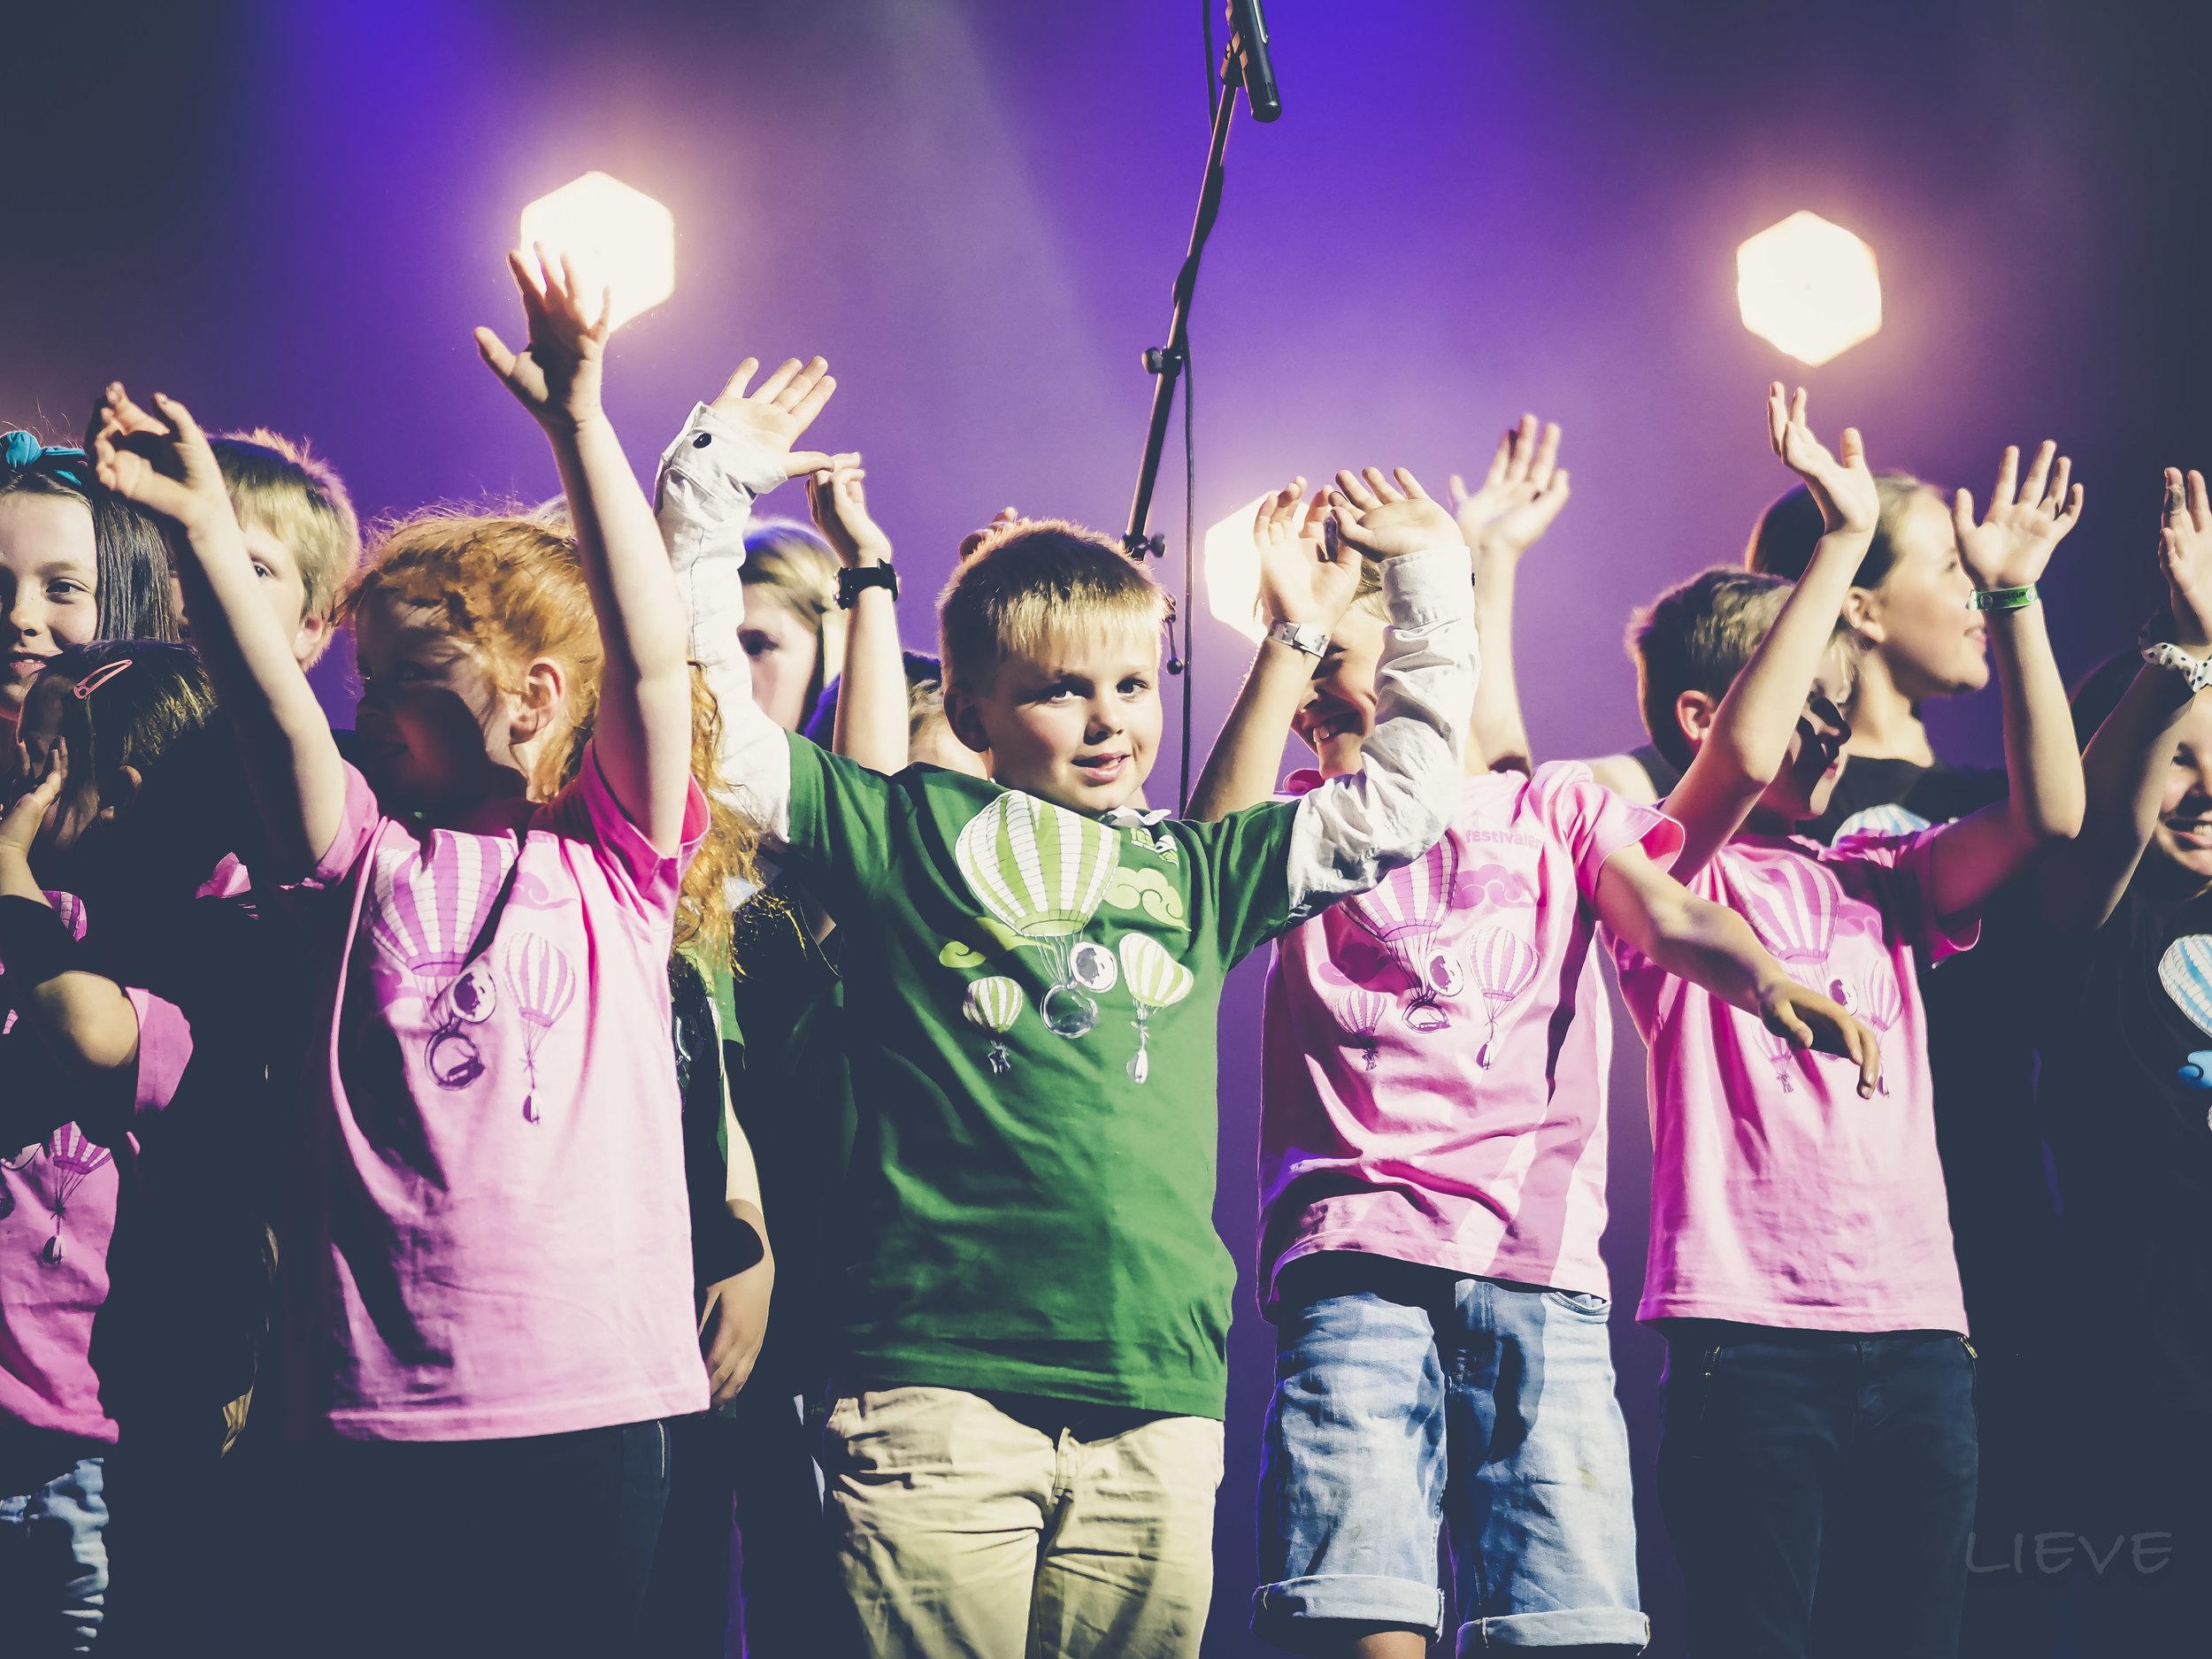 Eit nydeleg barnkor framførte bursdagssongen på opningskonserten. Foto: Lieve Boussauw